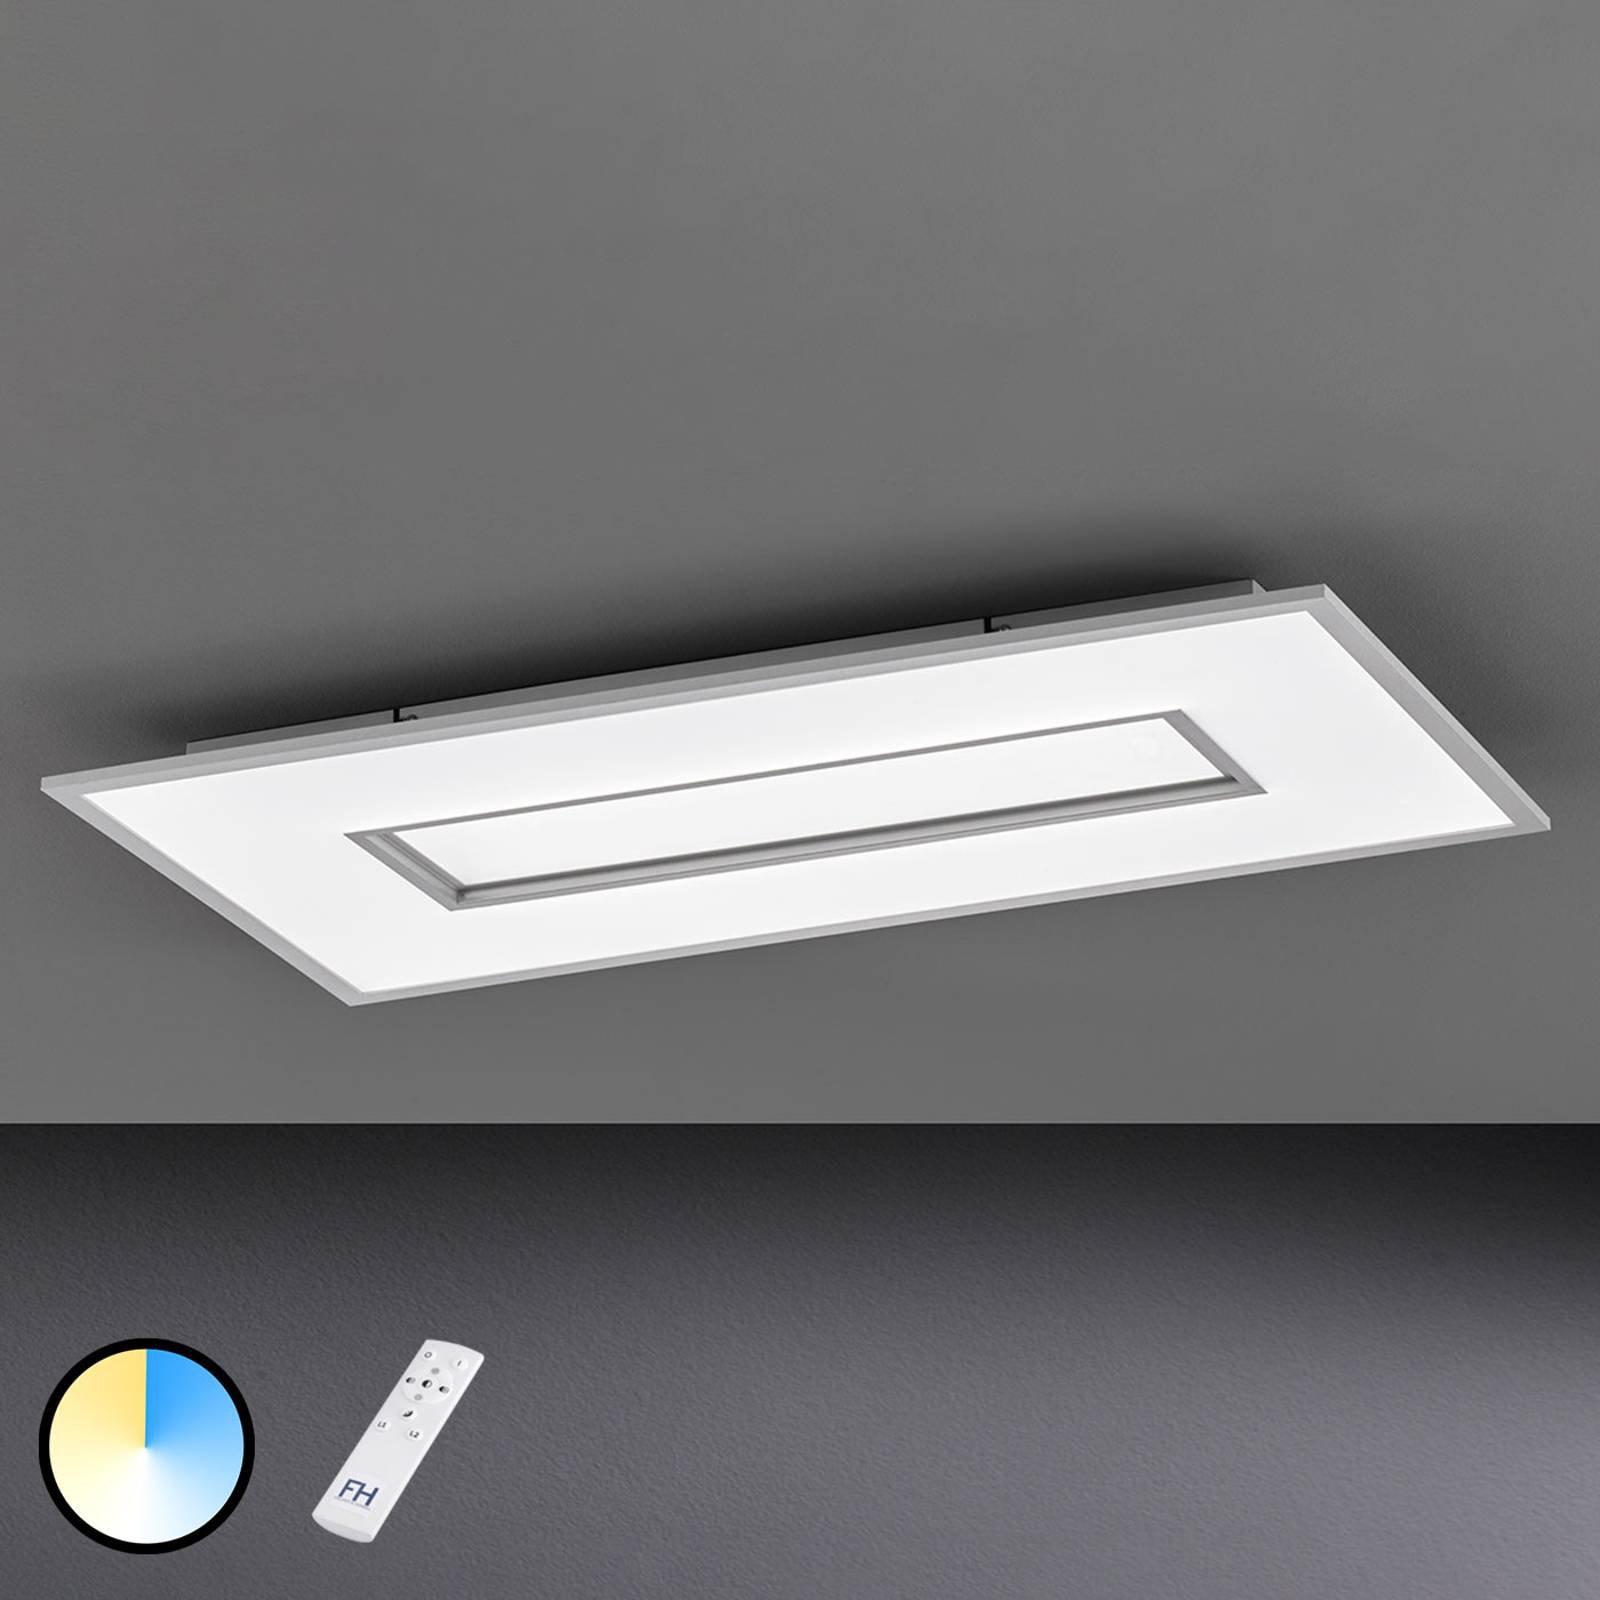 LED-taklampe Tiara, rektangel, 96x50 cm